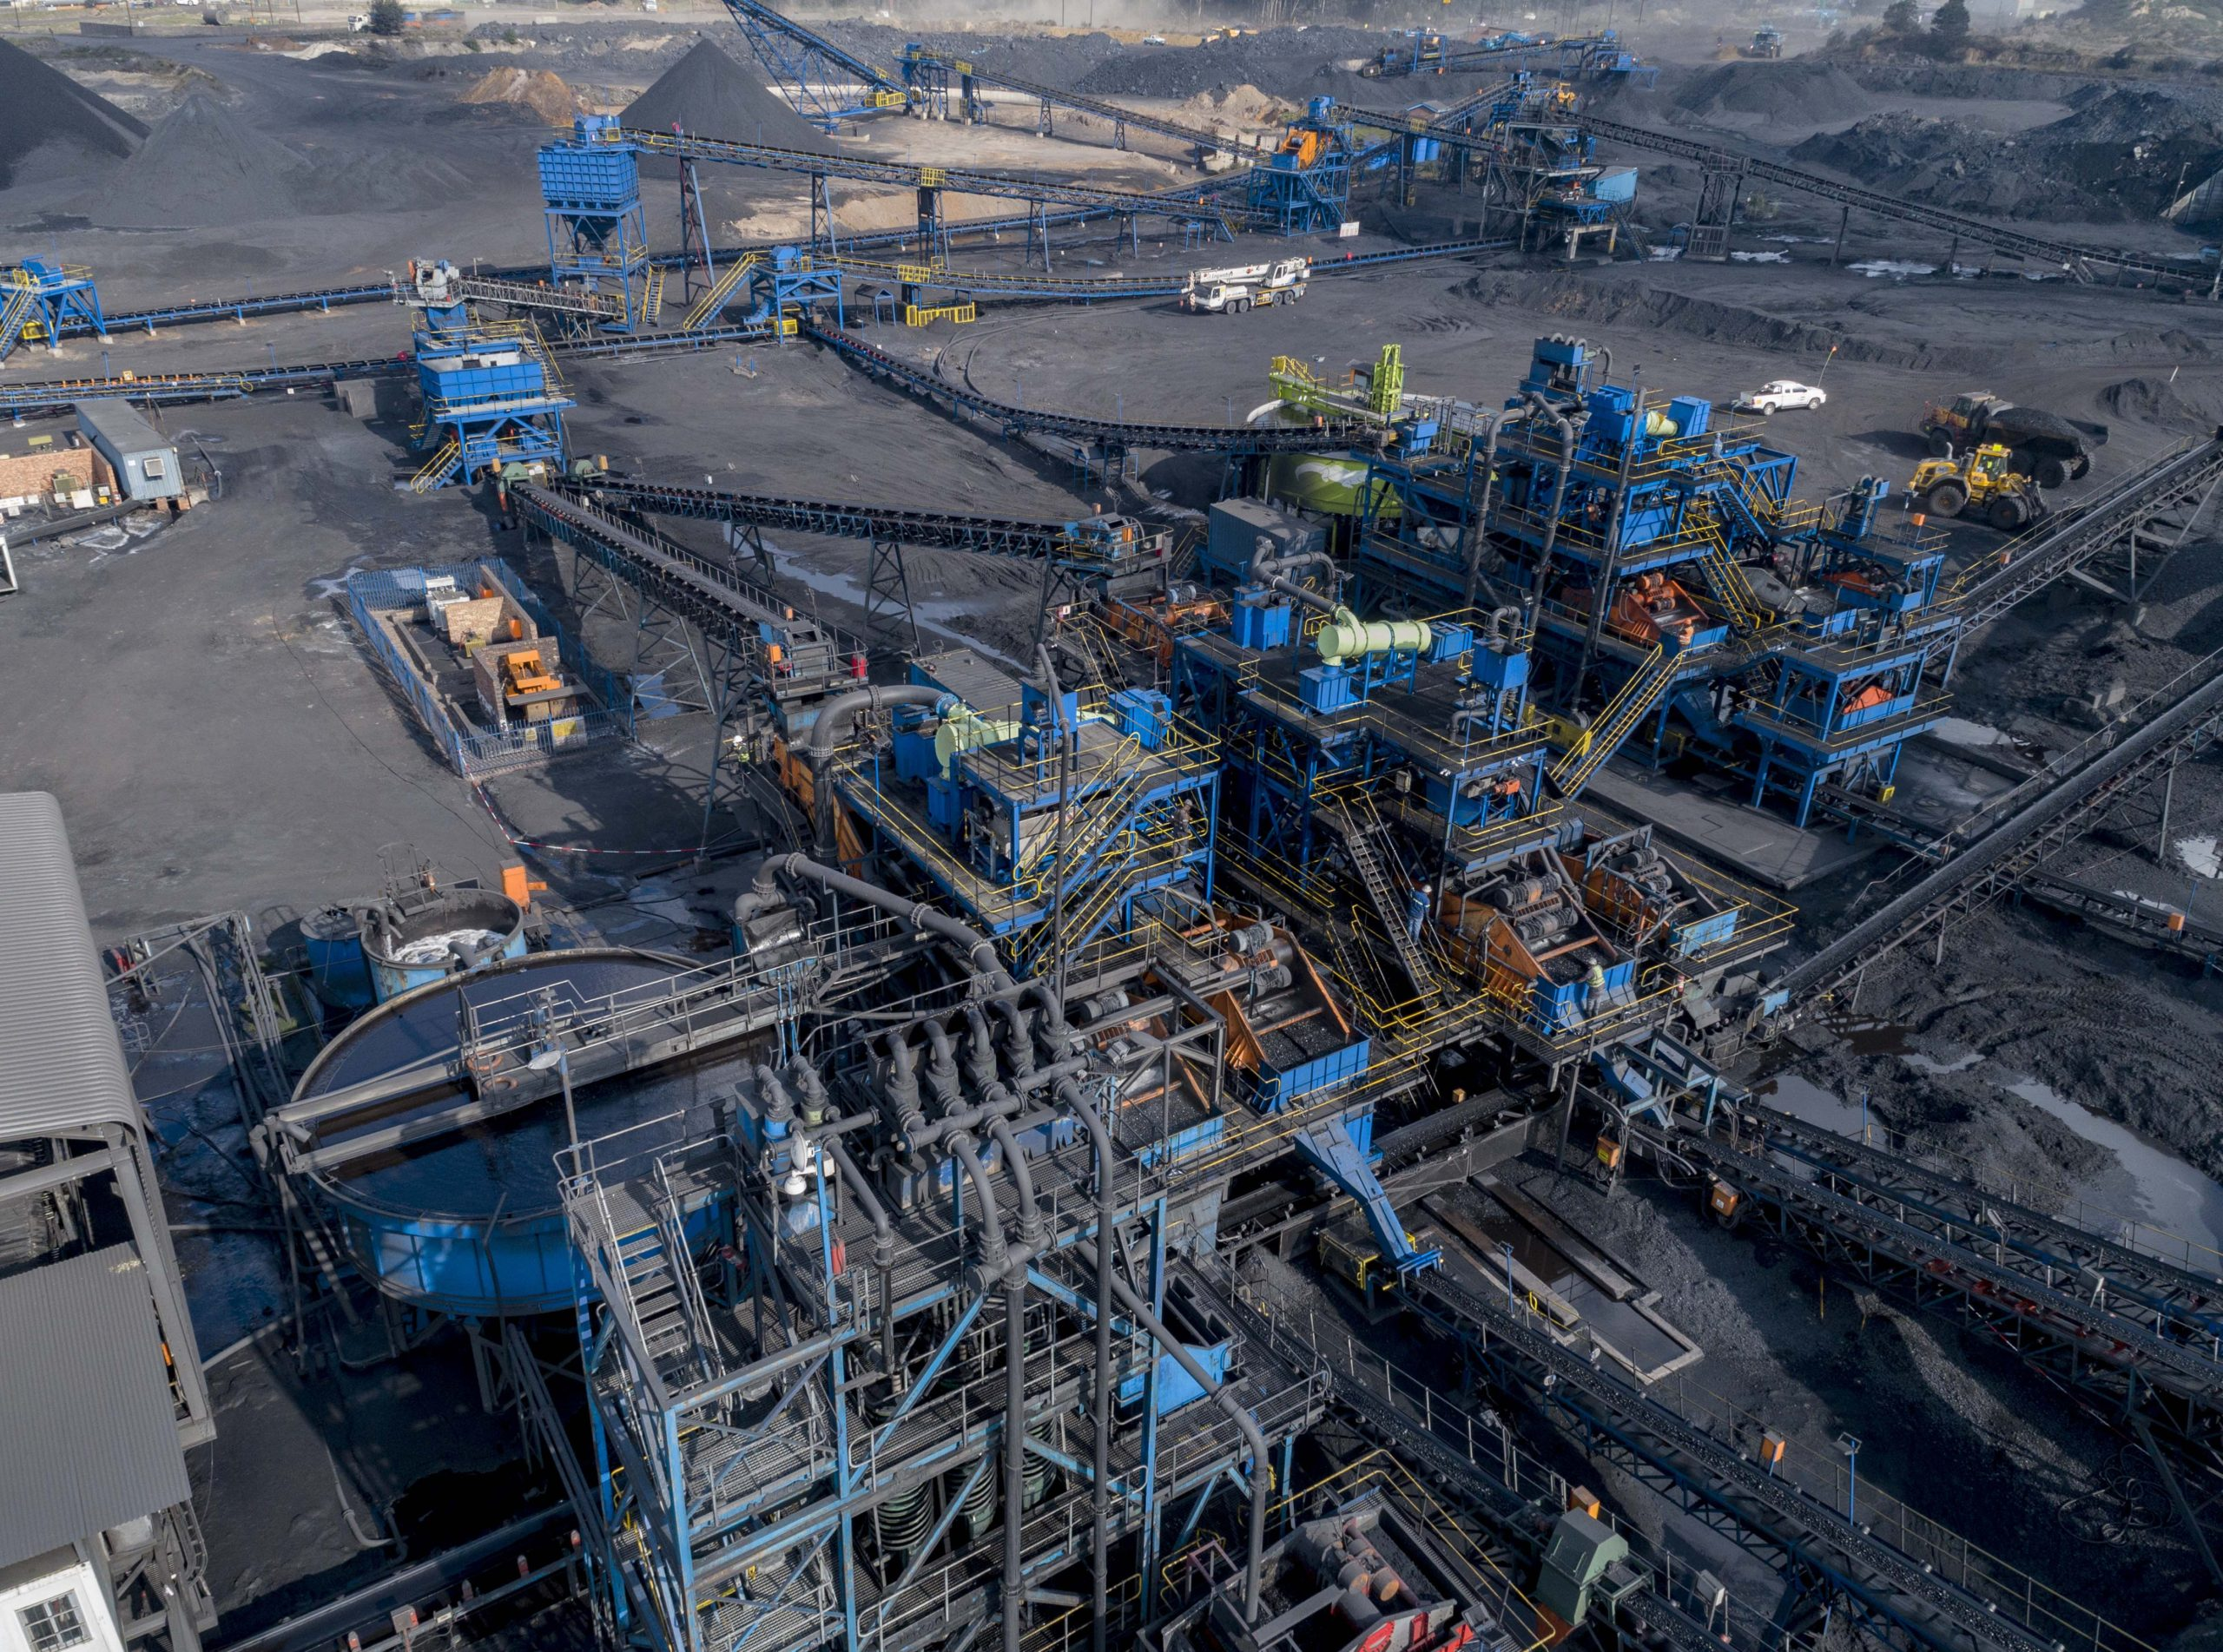 Ingwenya Mineral Processing photos